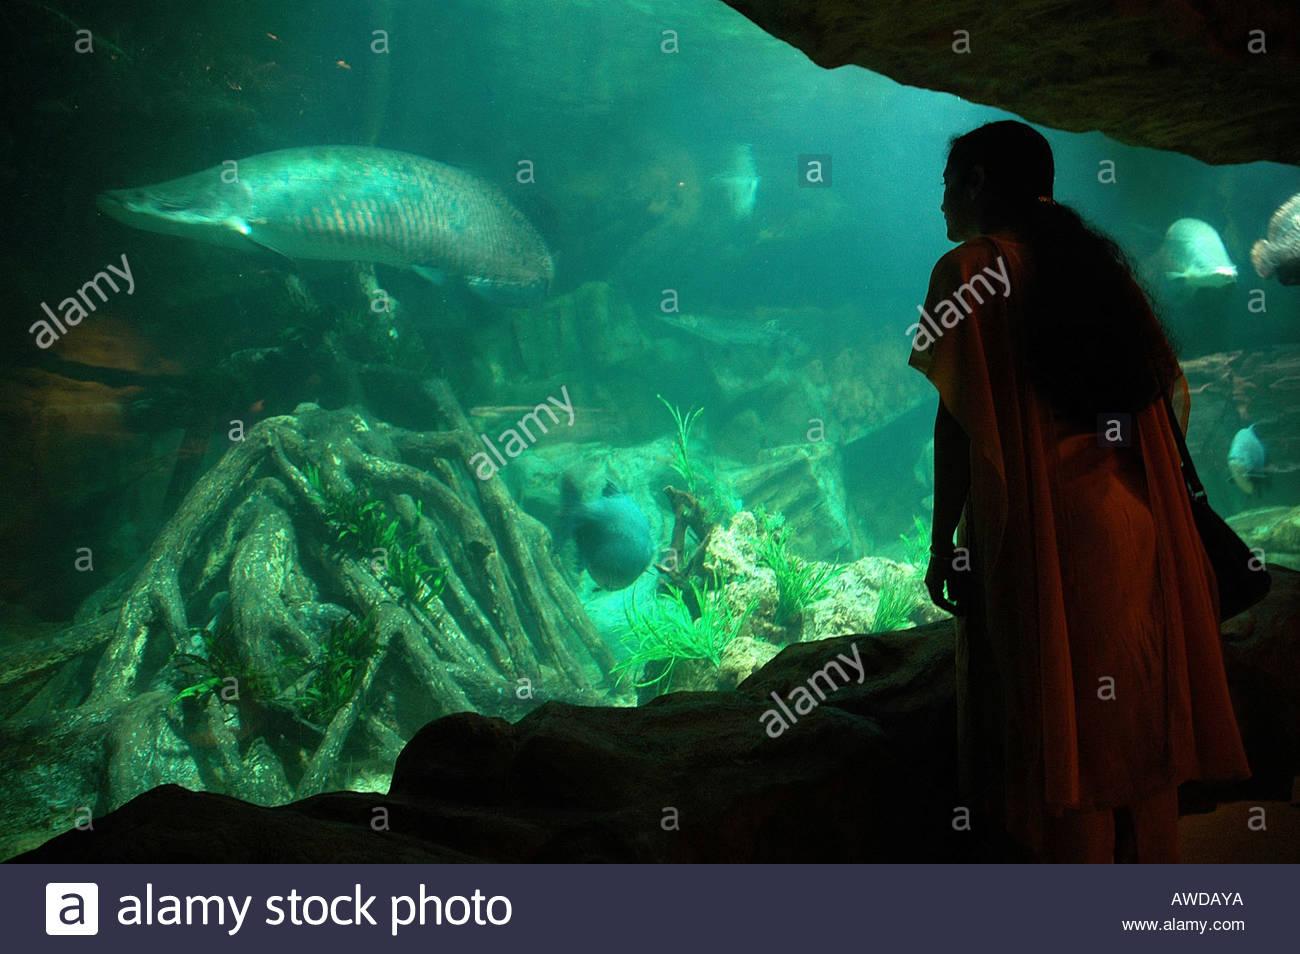 Fish aquarium in sentosa - Stock Photo Underwater Aquarium In Sentosa Singapore